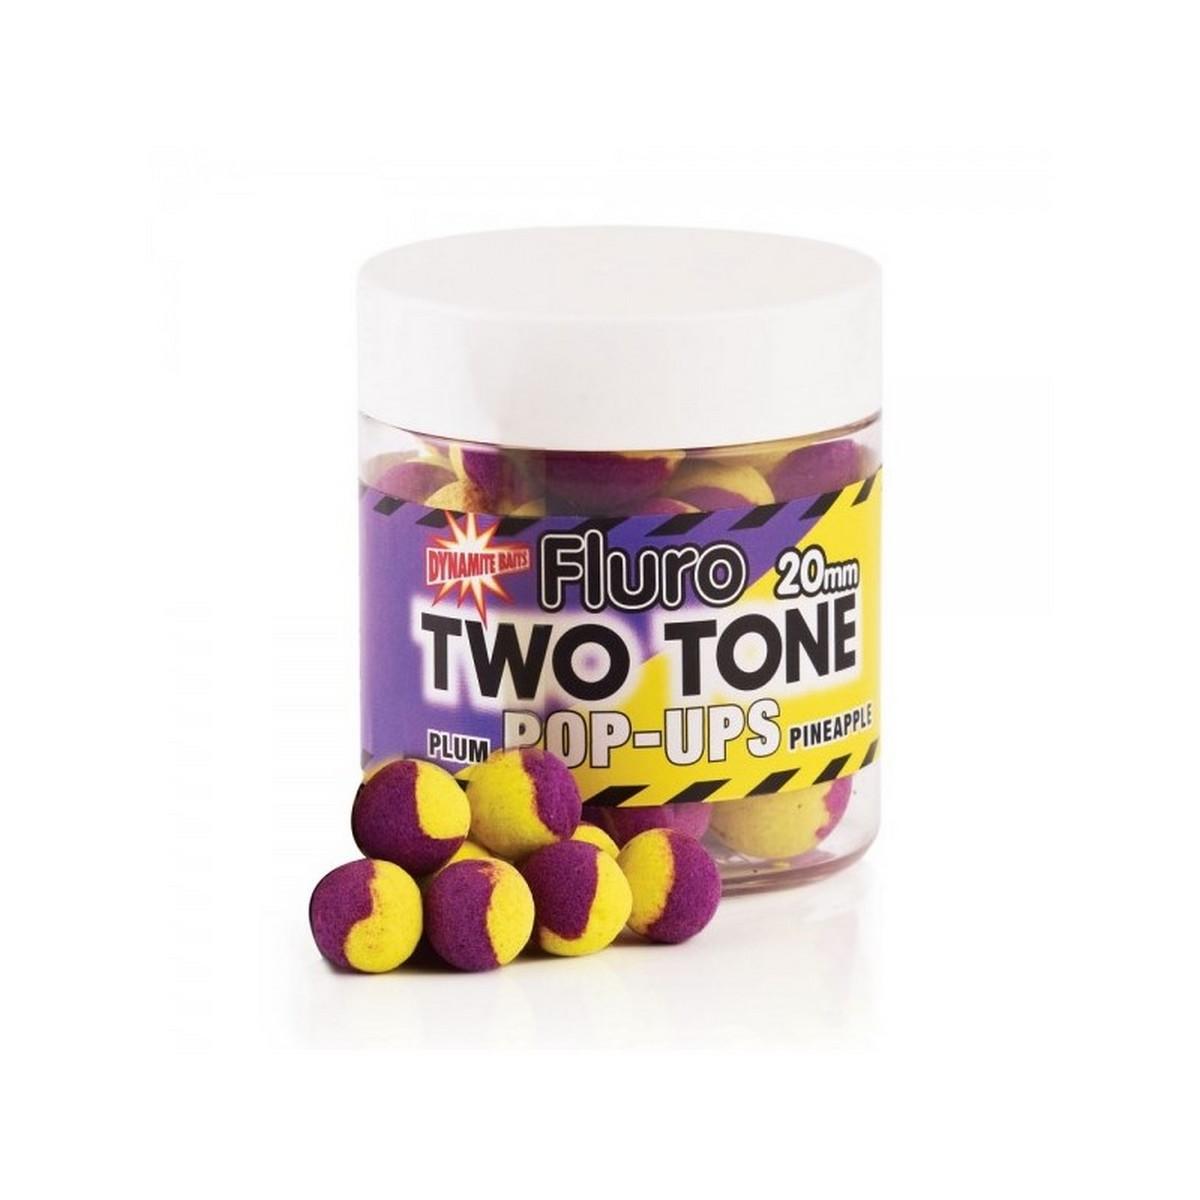 DB Boilie Pop-Up Fluro Two Tone Plum & Pineapple - плуващи двуцветни топчета